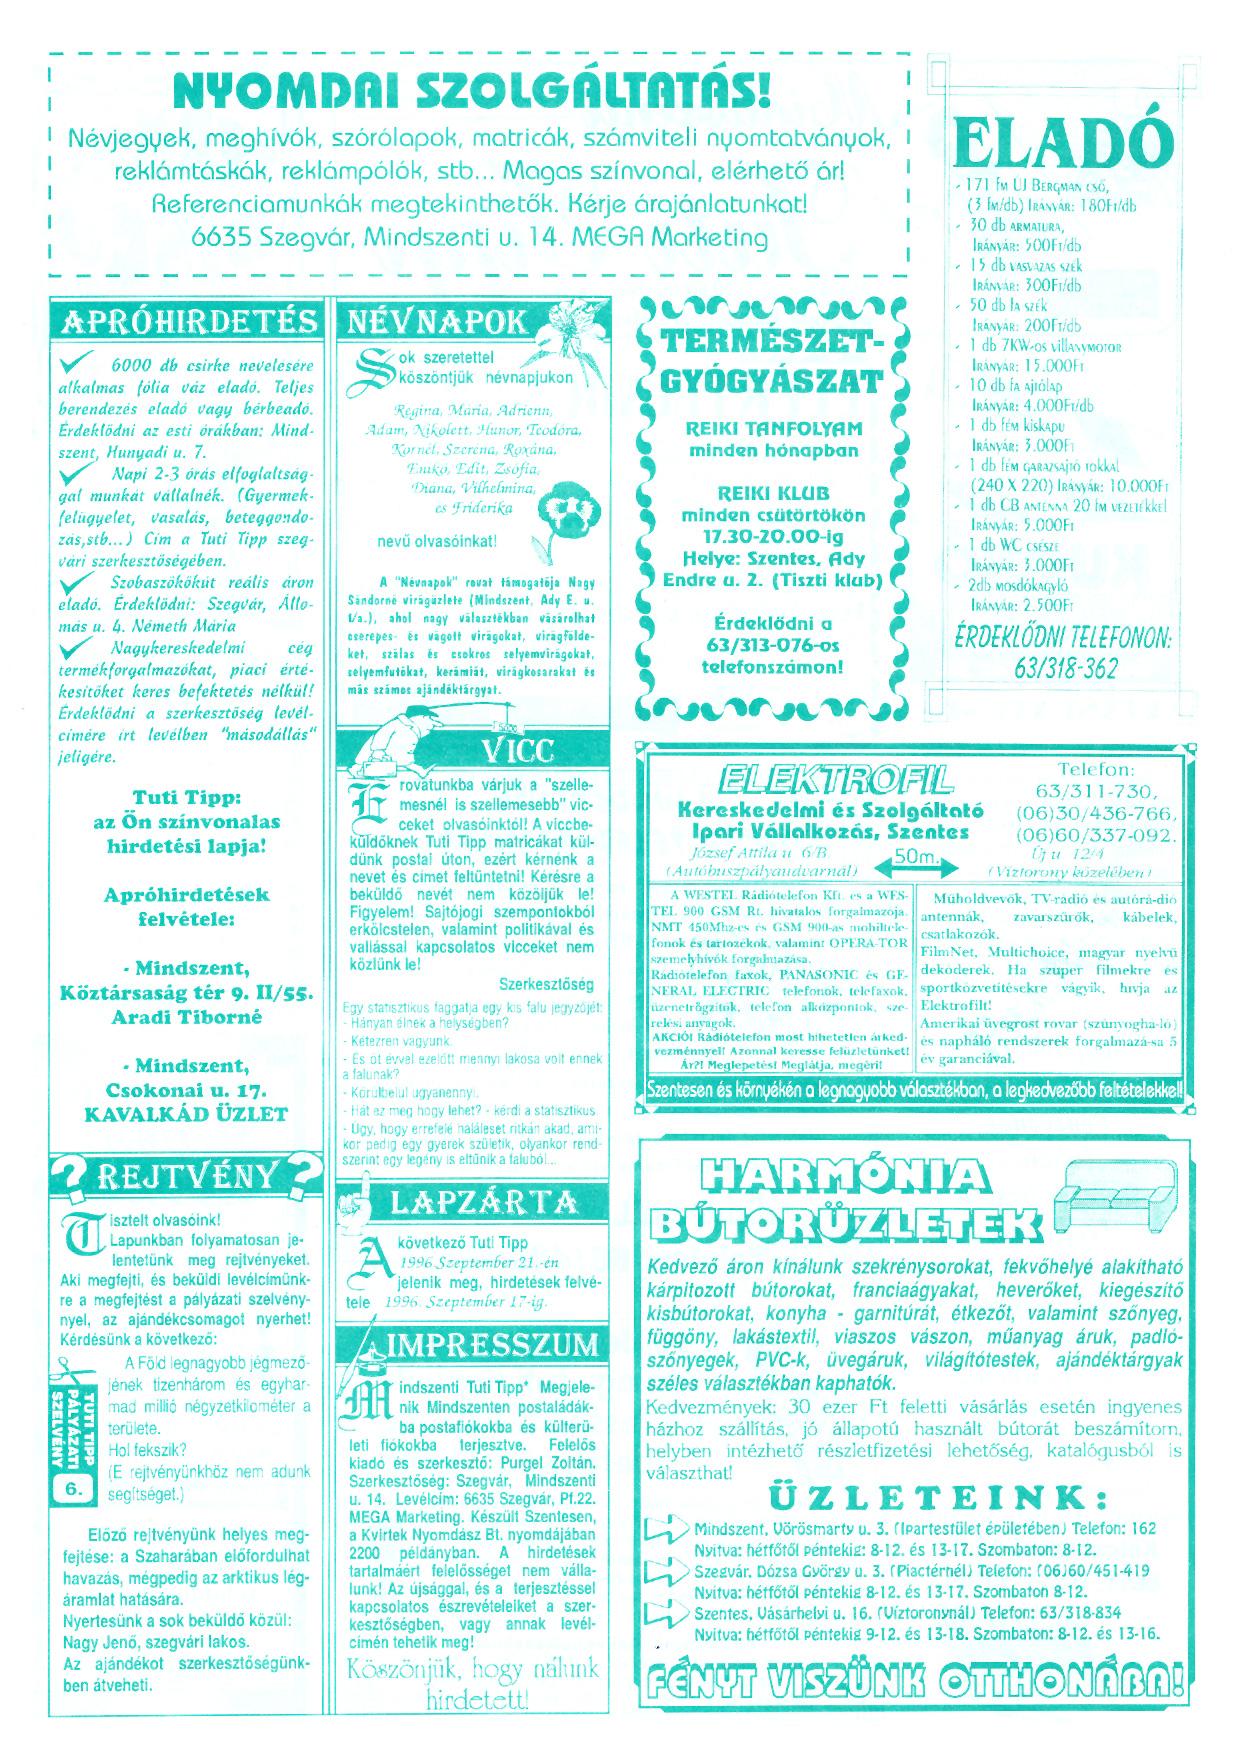 050 Mindszenti Tuti Tipp reklámújság - 19960907-006. lapszám - 2.oldal - II. évfolyam.jpg